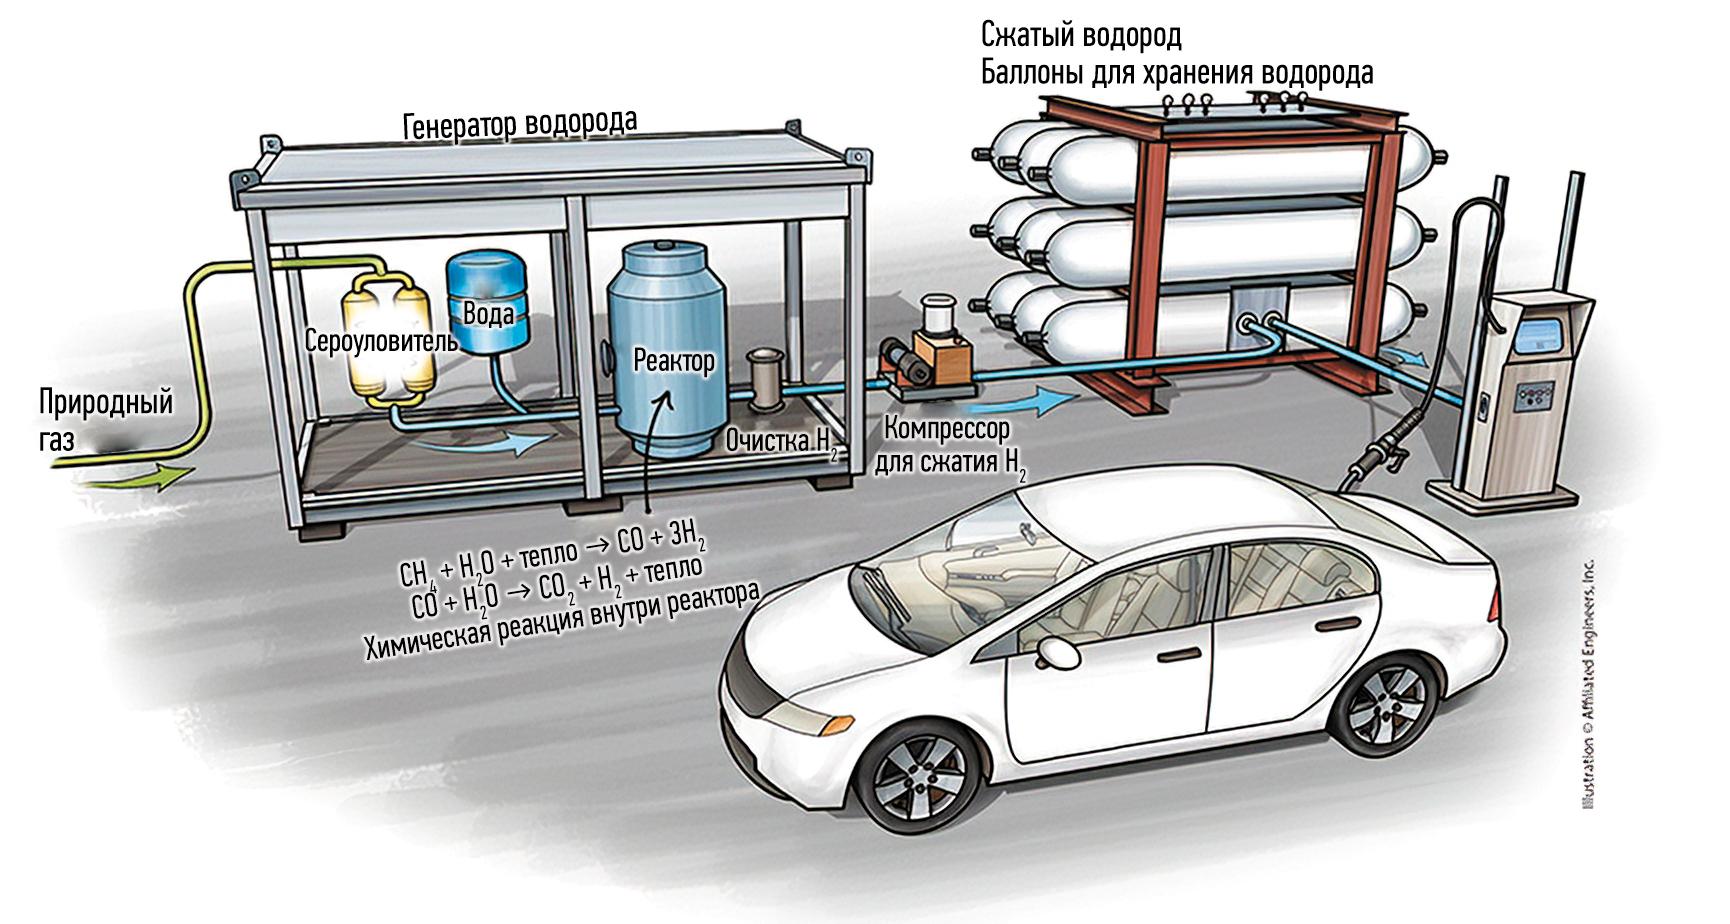 Для получения водорода применяется электролиз, после его генерации водород сжимается или сжижается и хранится для последующего его использования в генераторах или топливных элементах. Изображение предоставлено компанией Affiliated Engineers